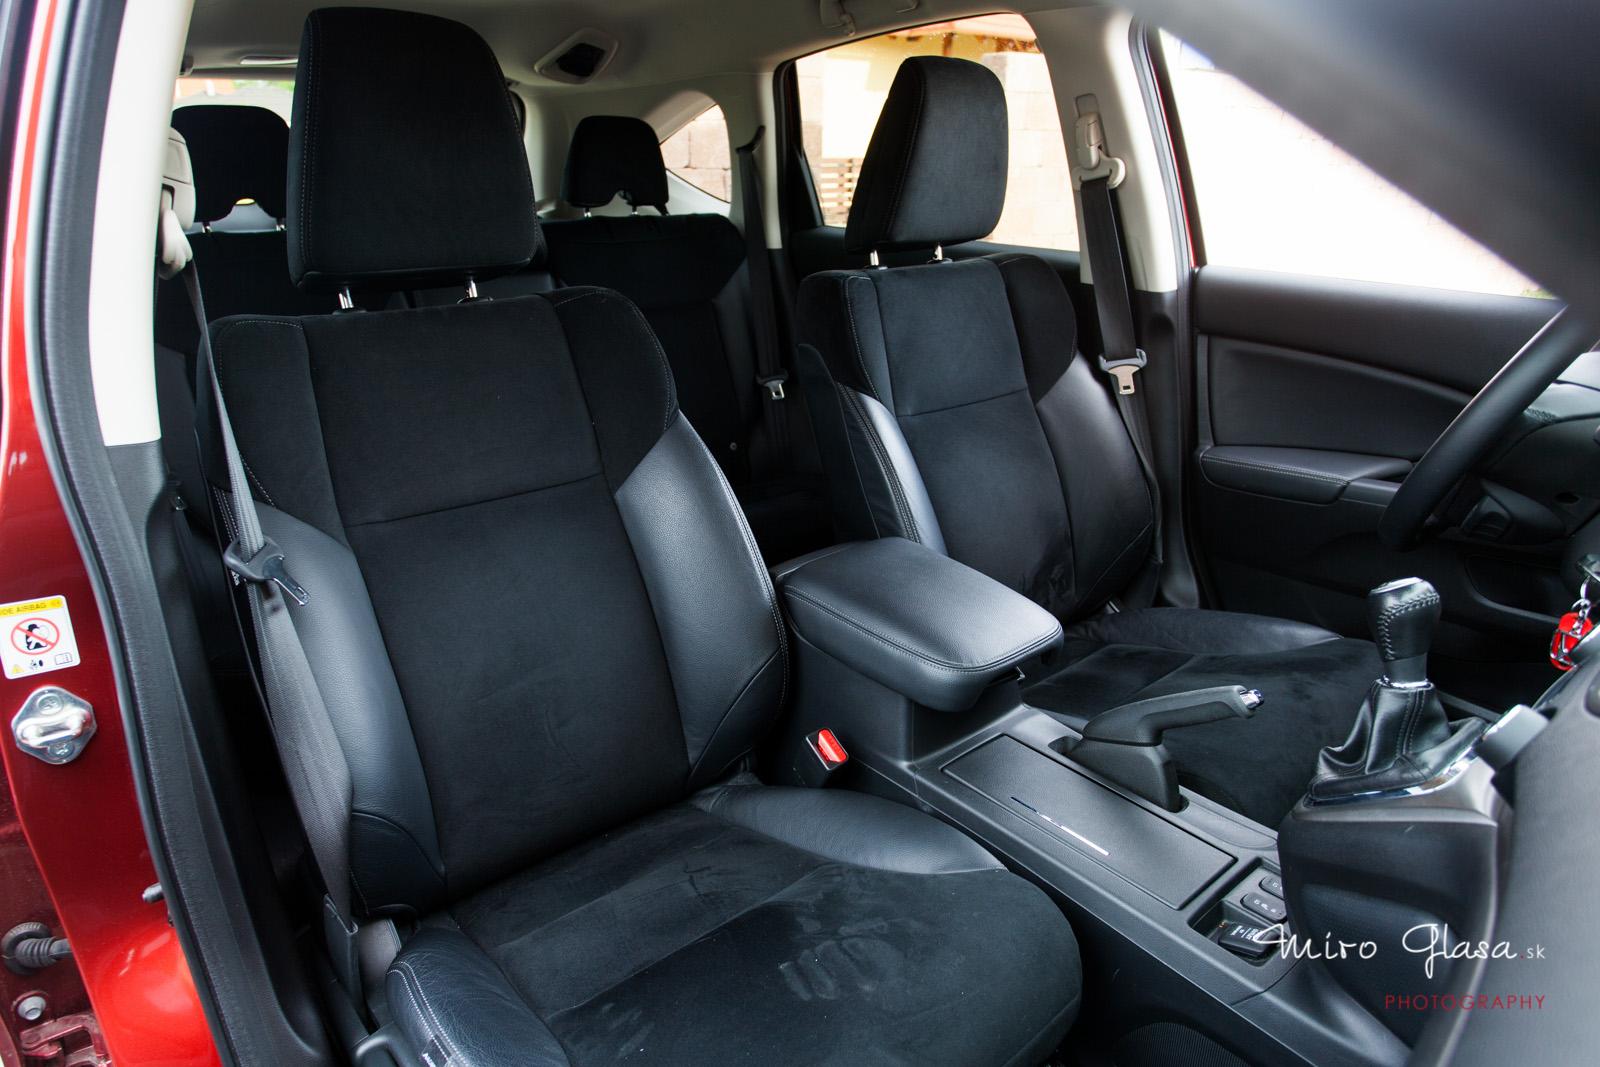 Interiér CR-V prešiel výrazným zlepšením voči tretej generácií